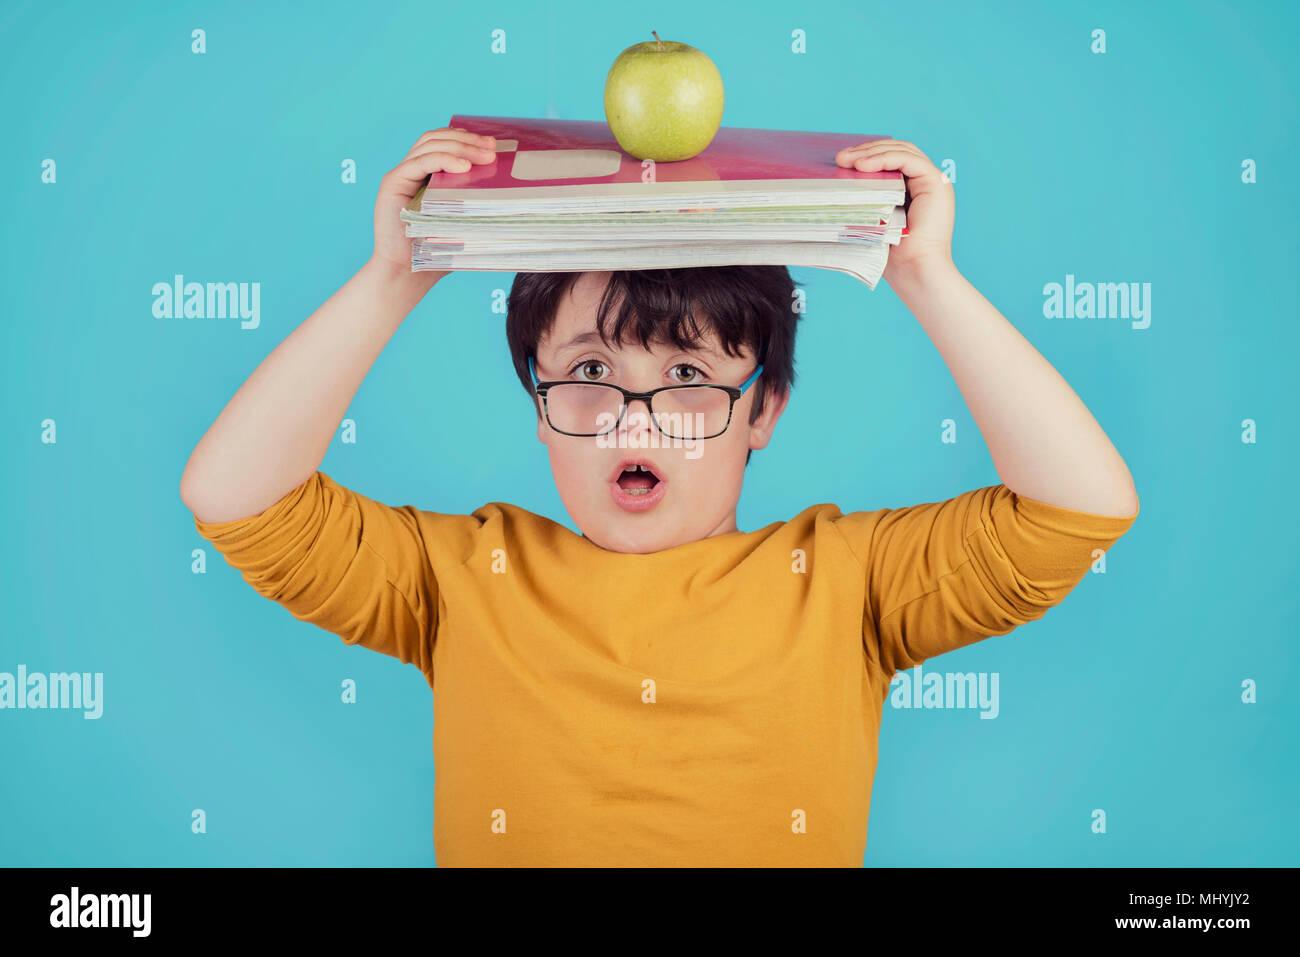 Ragazzo sorpreso con libri e Apple su sfondo blu Immagini Stock